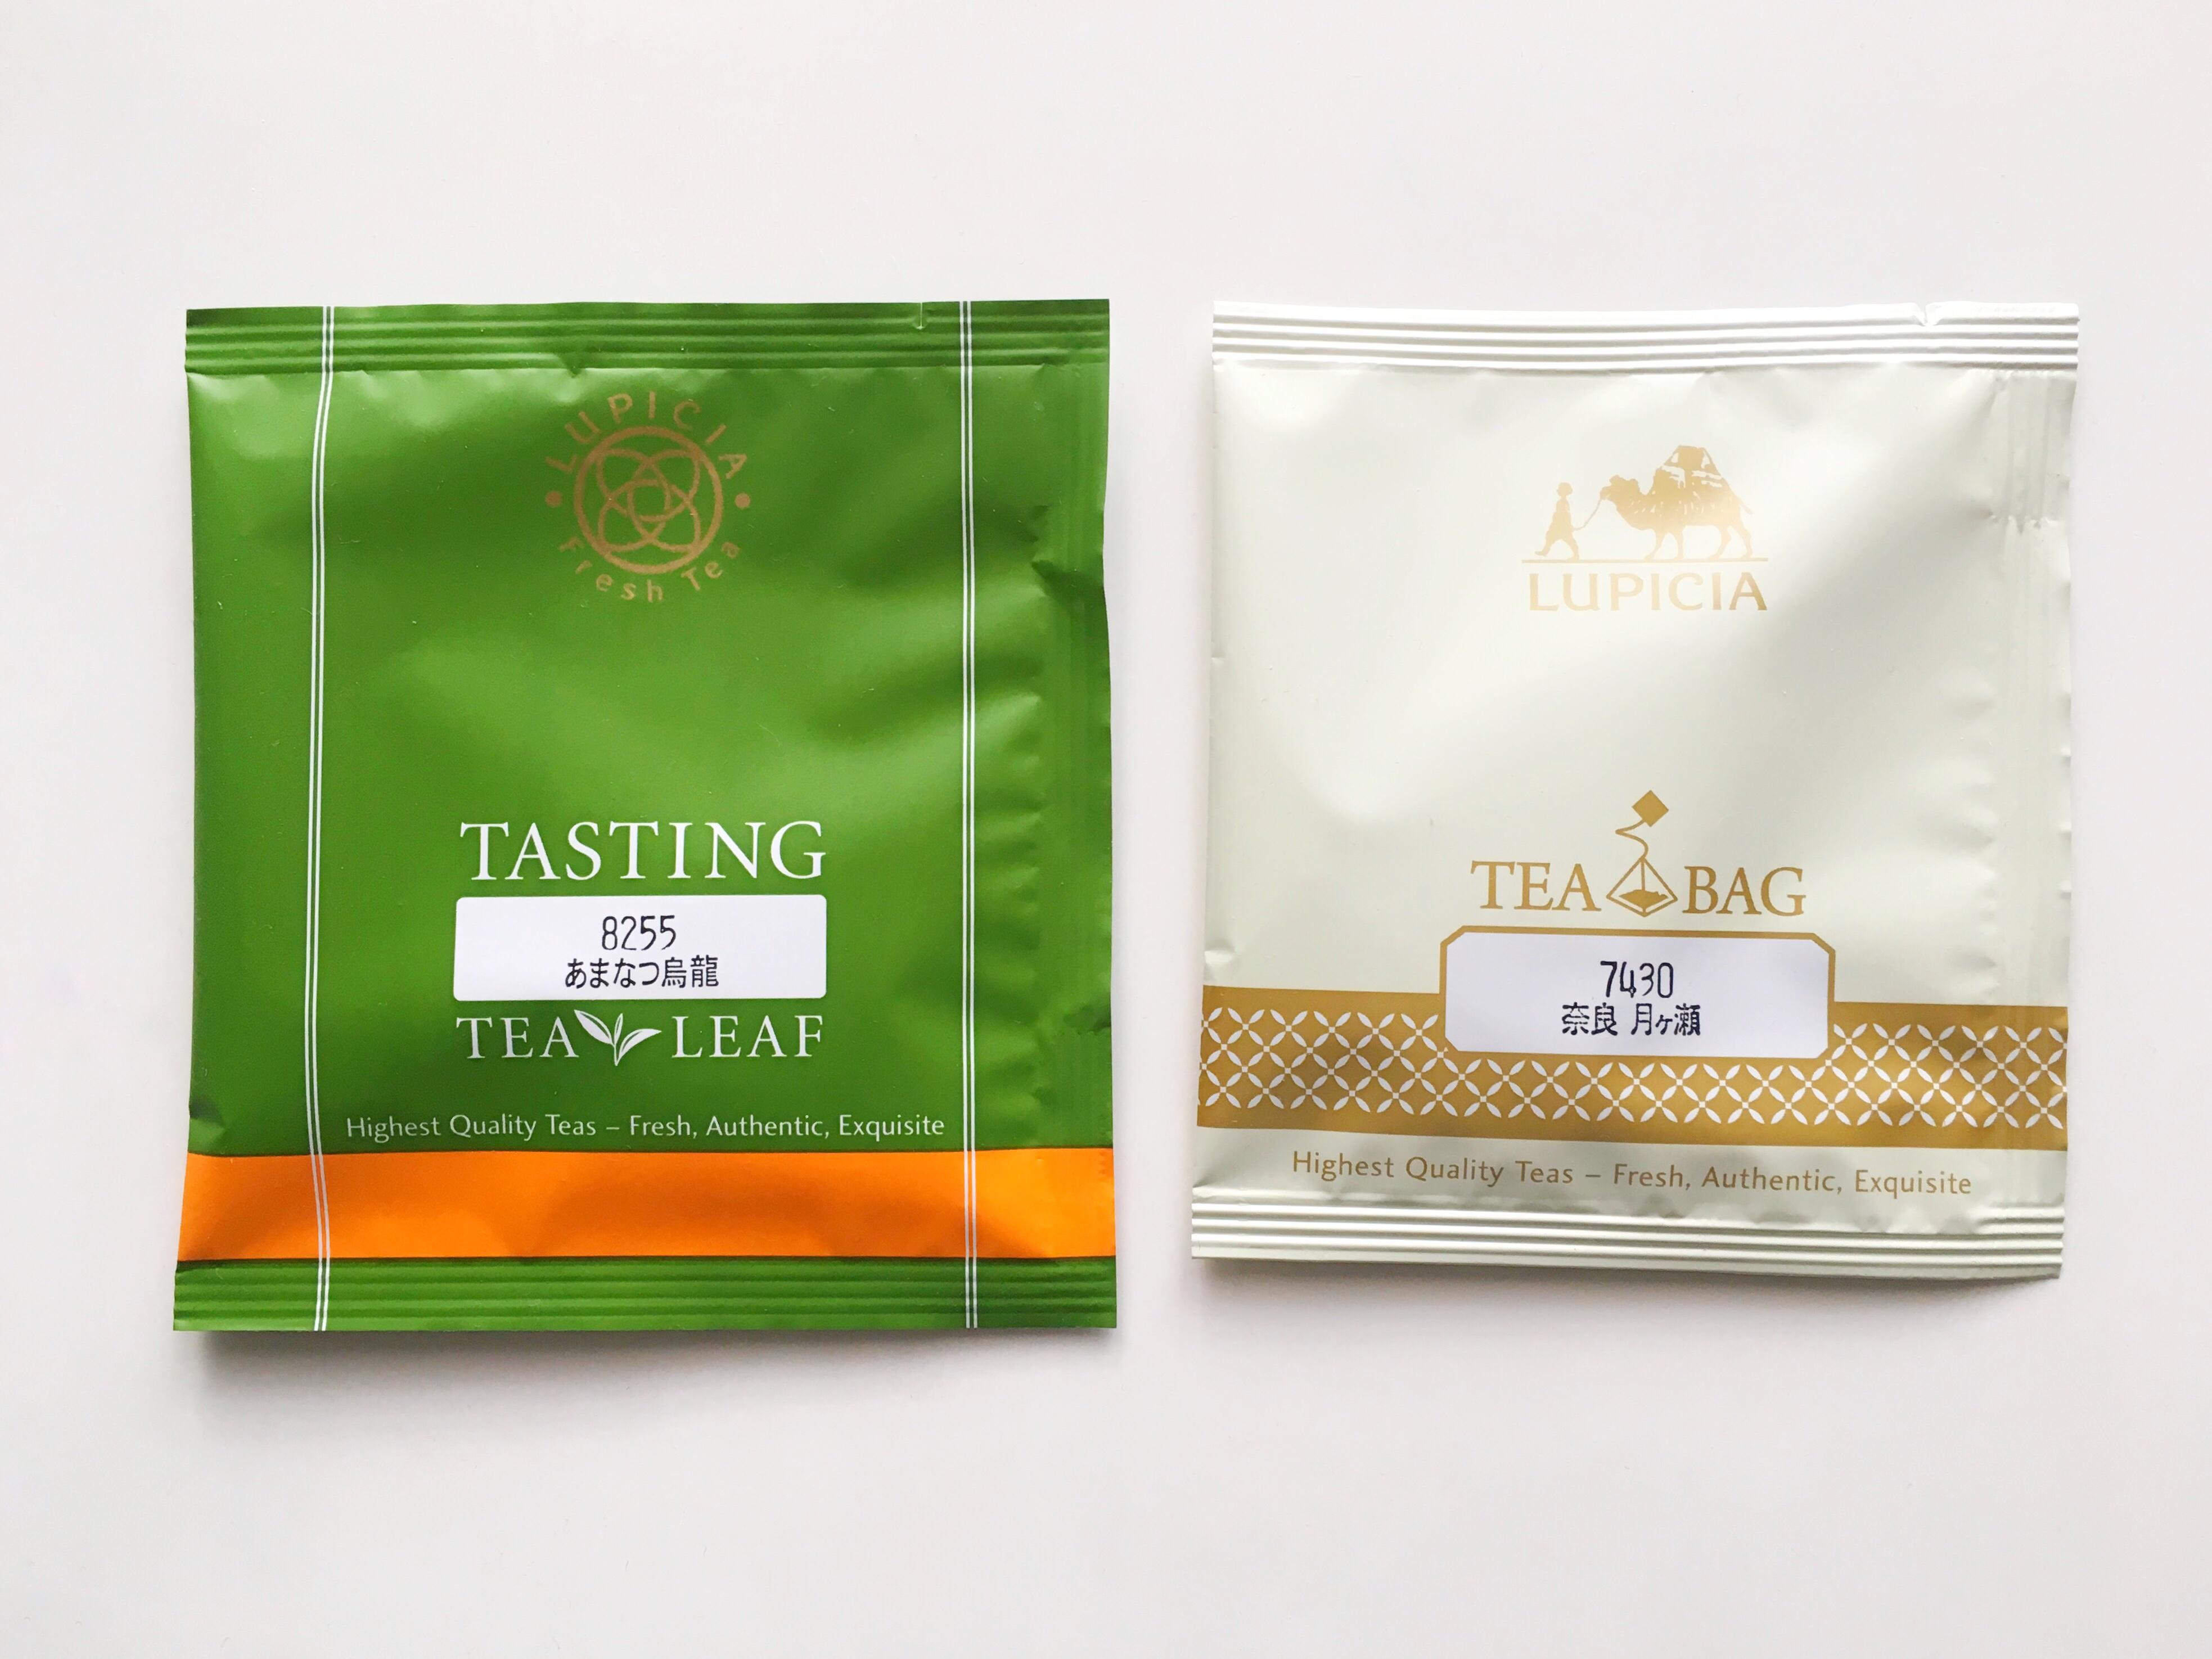 毎月紅茶が無料で届く!LUPICIA会員になって紅茶をもっと楽しもう